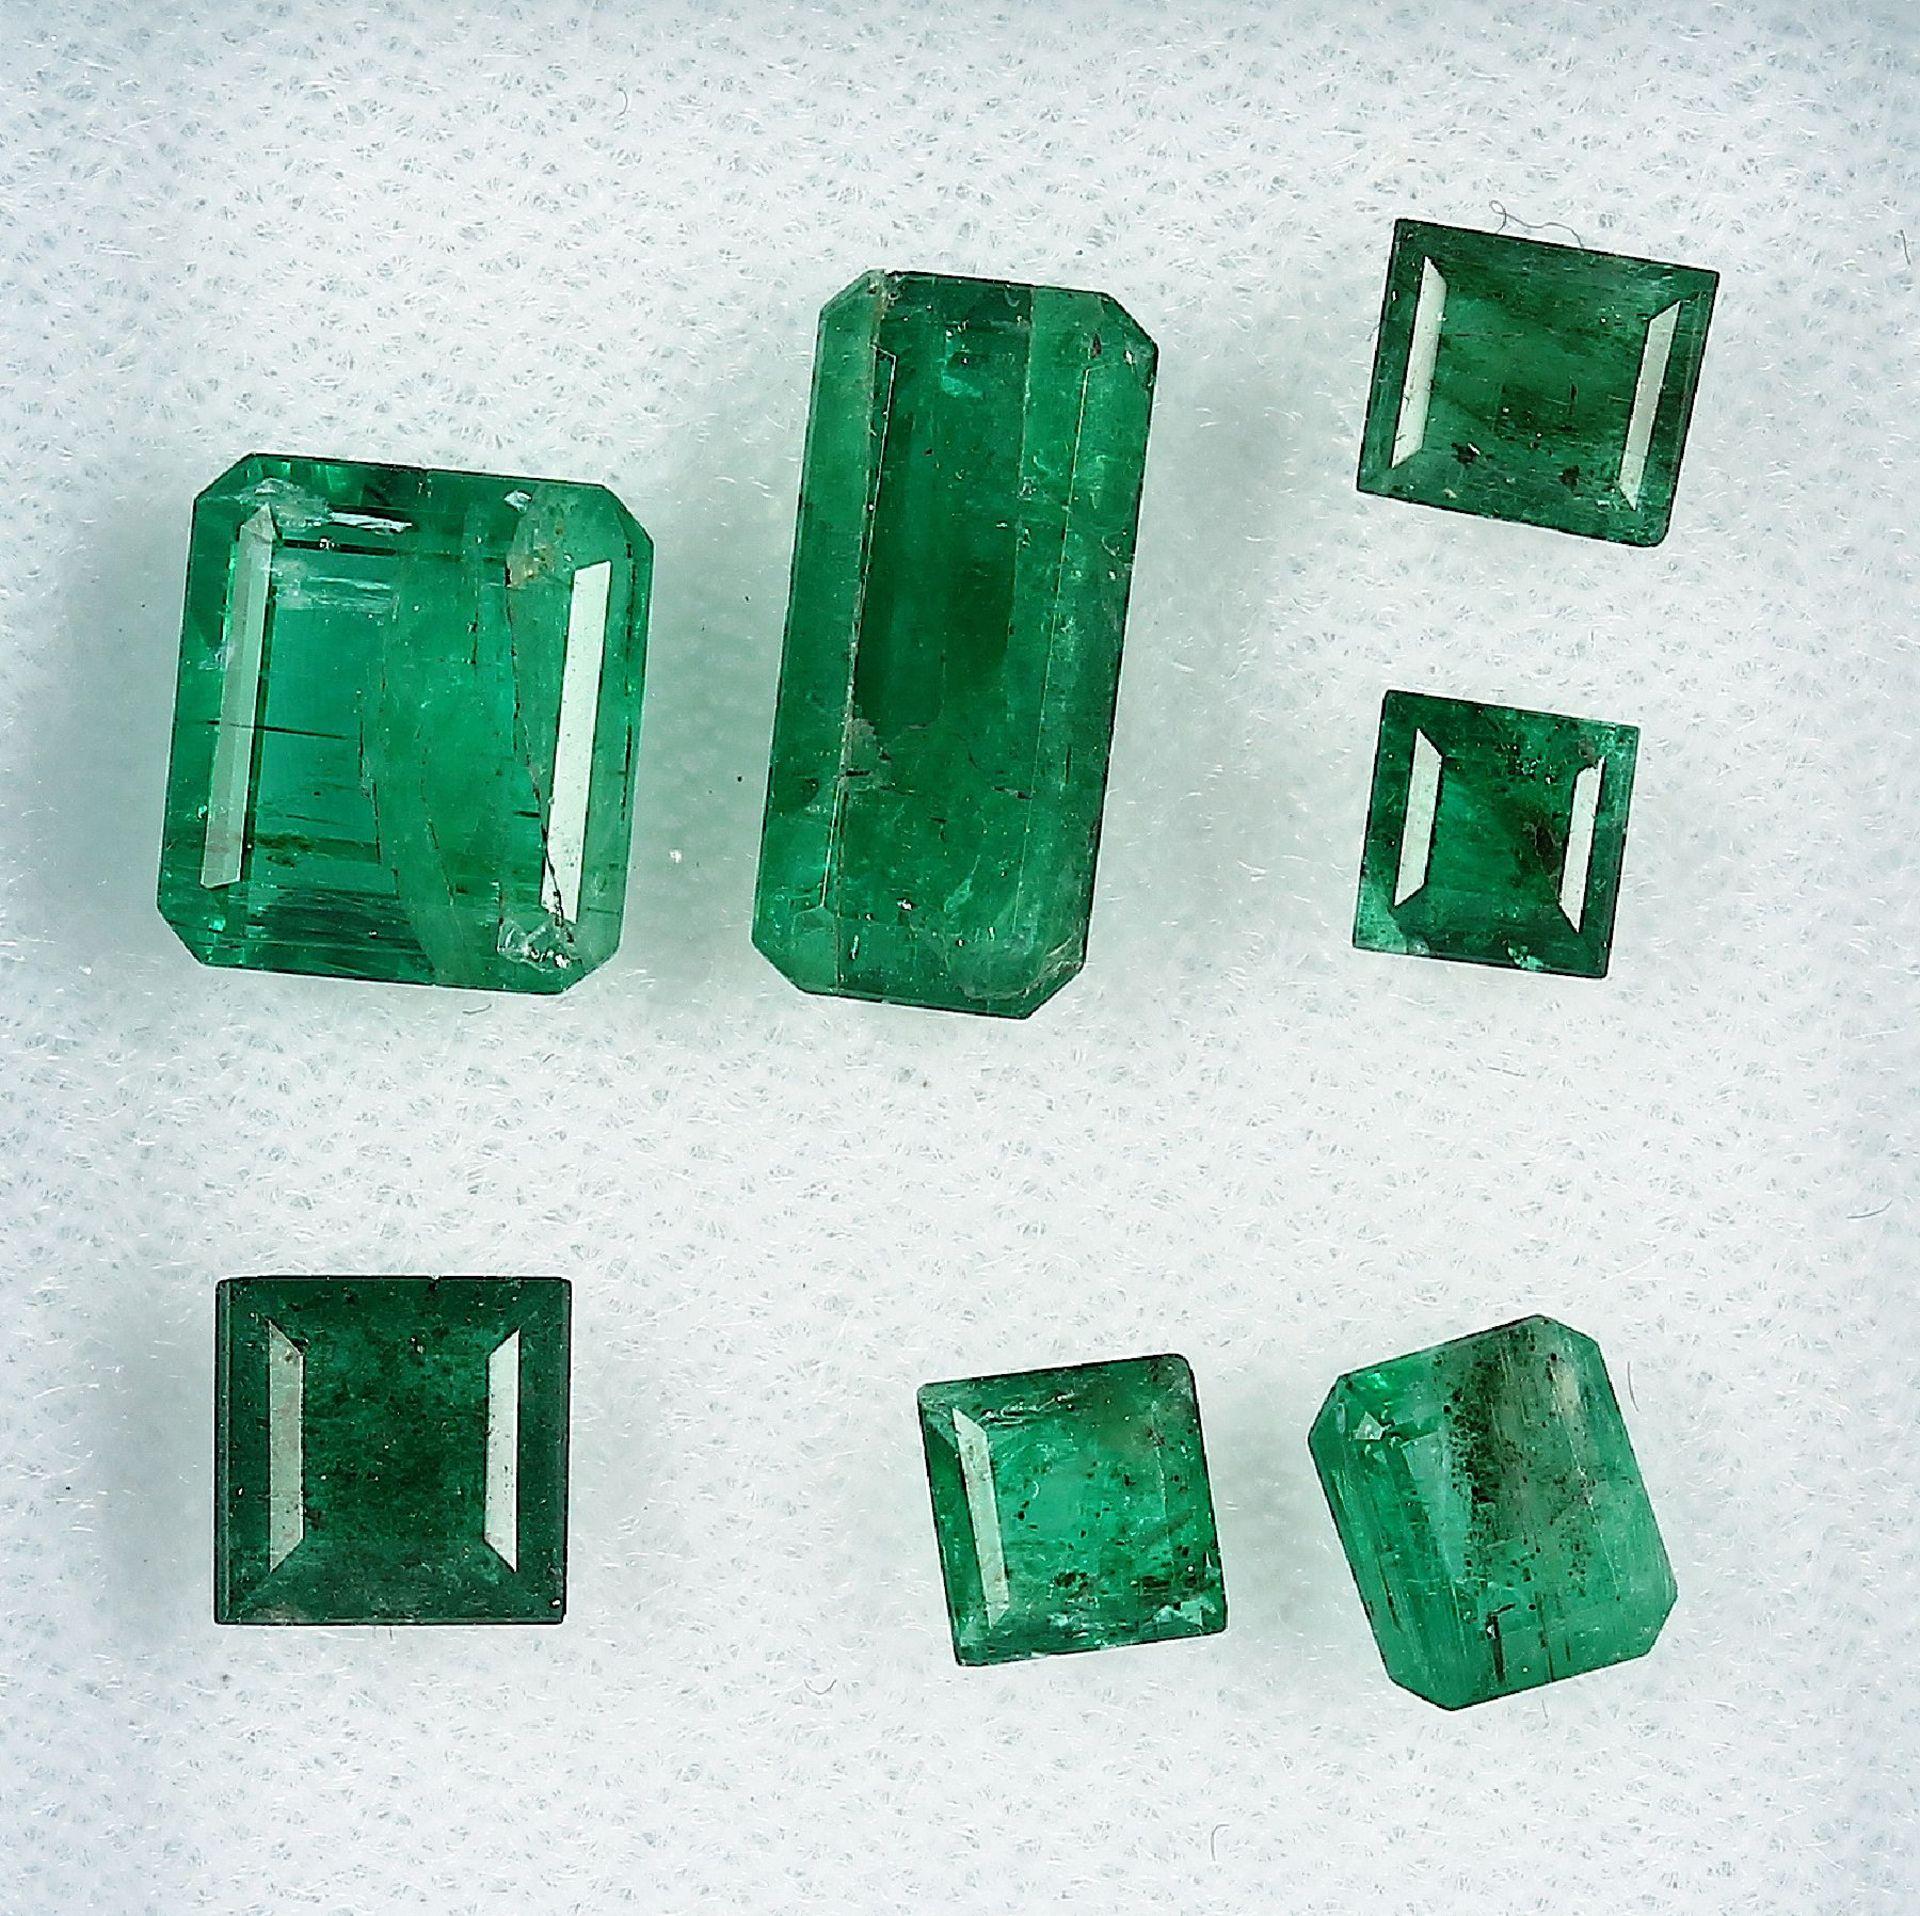 Lot lose Smaragde, zus. ca. 7.4 ct, Smaragdbaguettes in versch. Größen Schätzpreis: 1100, - EURLot